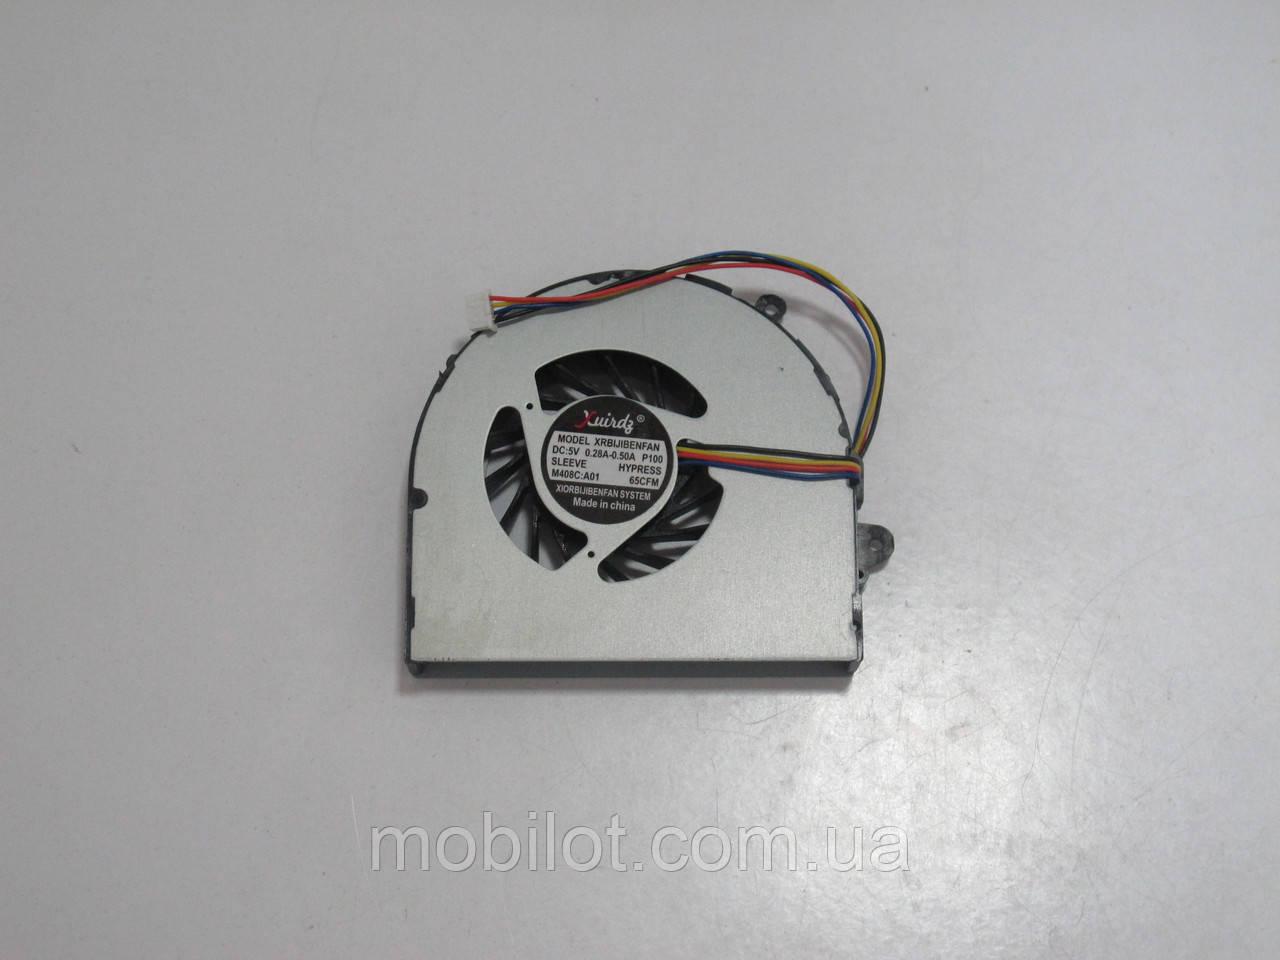 Система охлаждения (кулер) Lenovo G580 (NZ-6394)